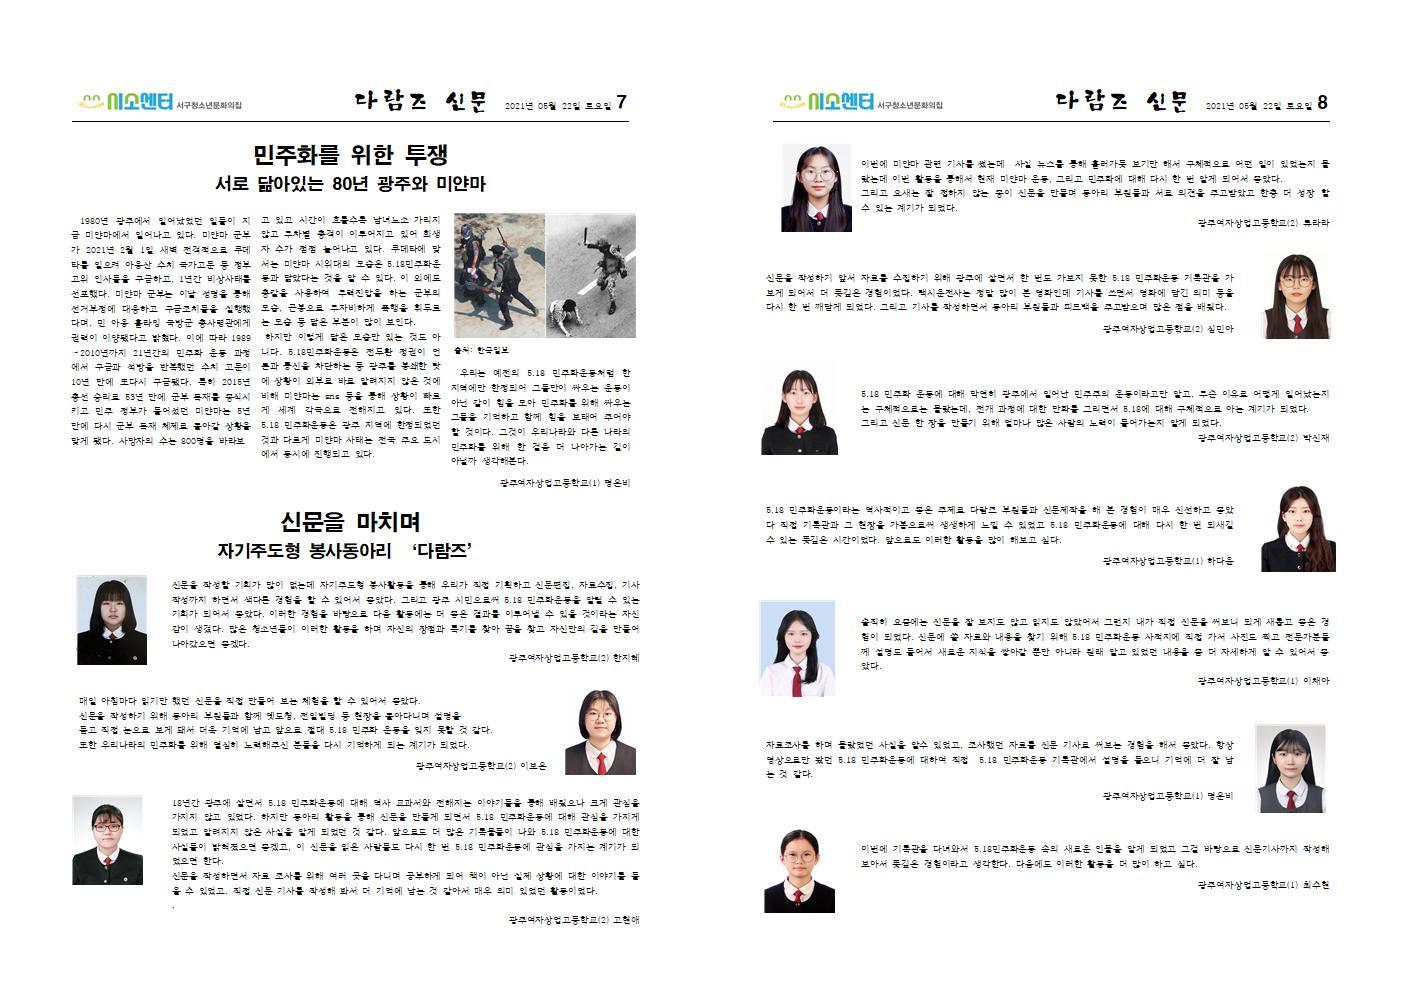 [최종] 다람즈 신문004.jpg